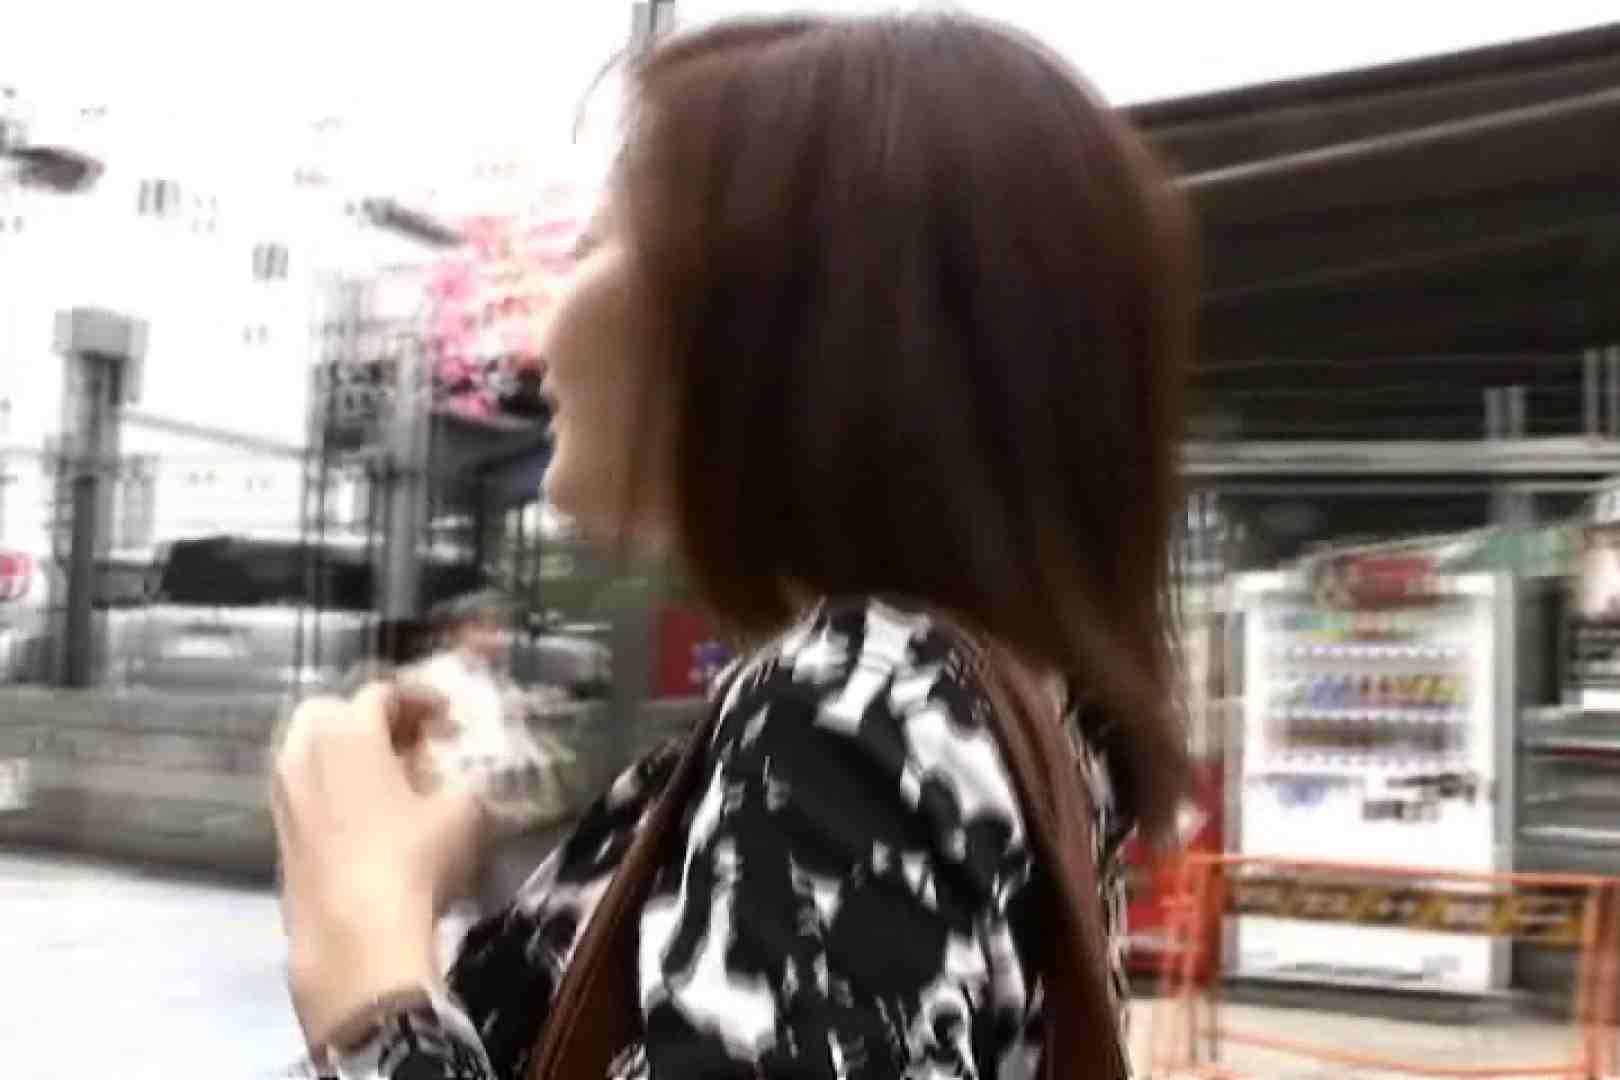 素人ナンパ本番撮り!出会い系でGET!Vol.13 熟女のエッチ   ナンパ  57pic 25